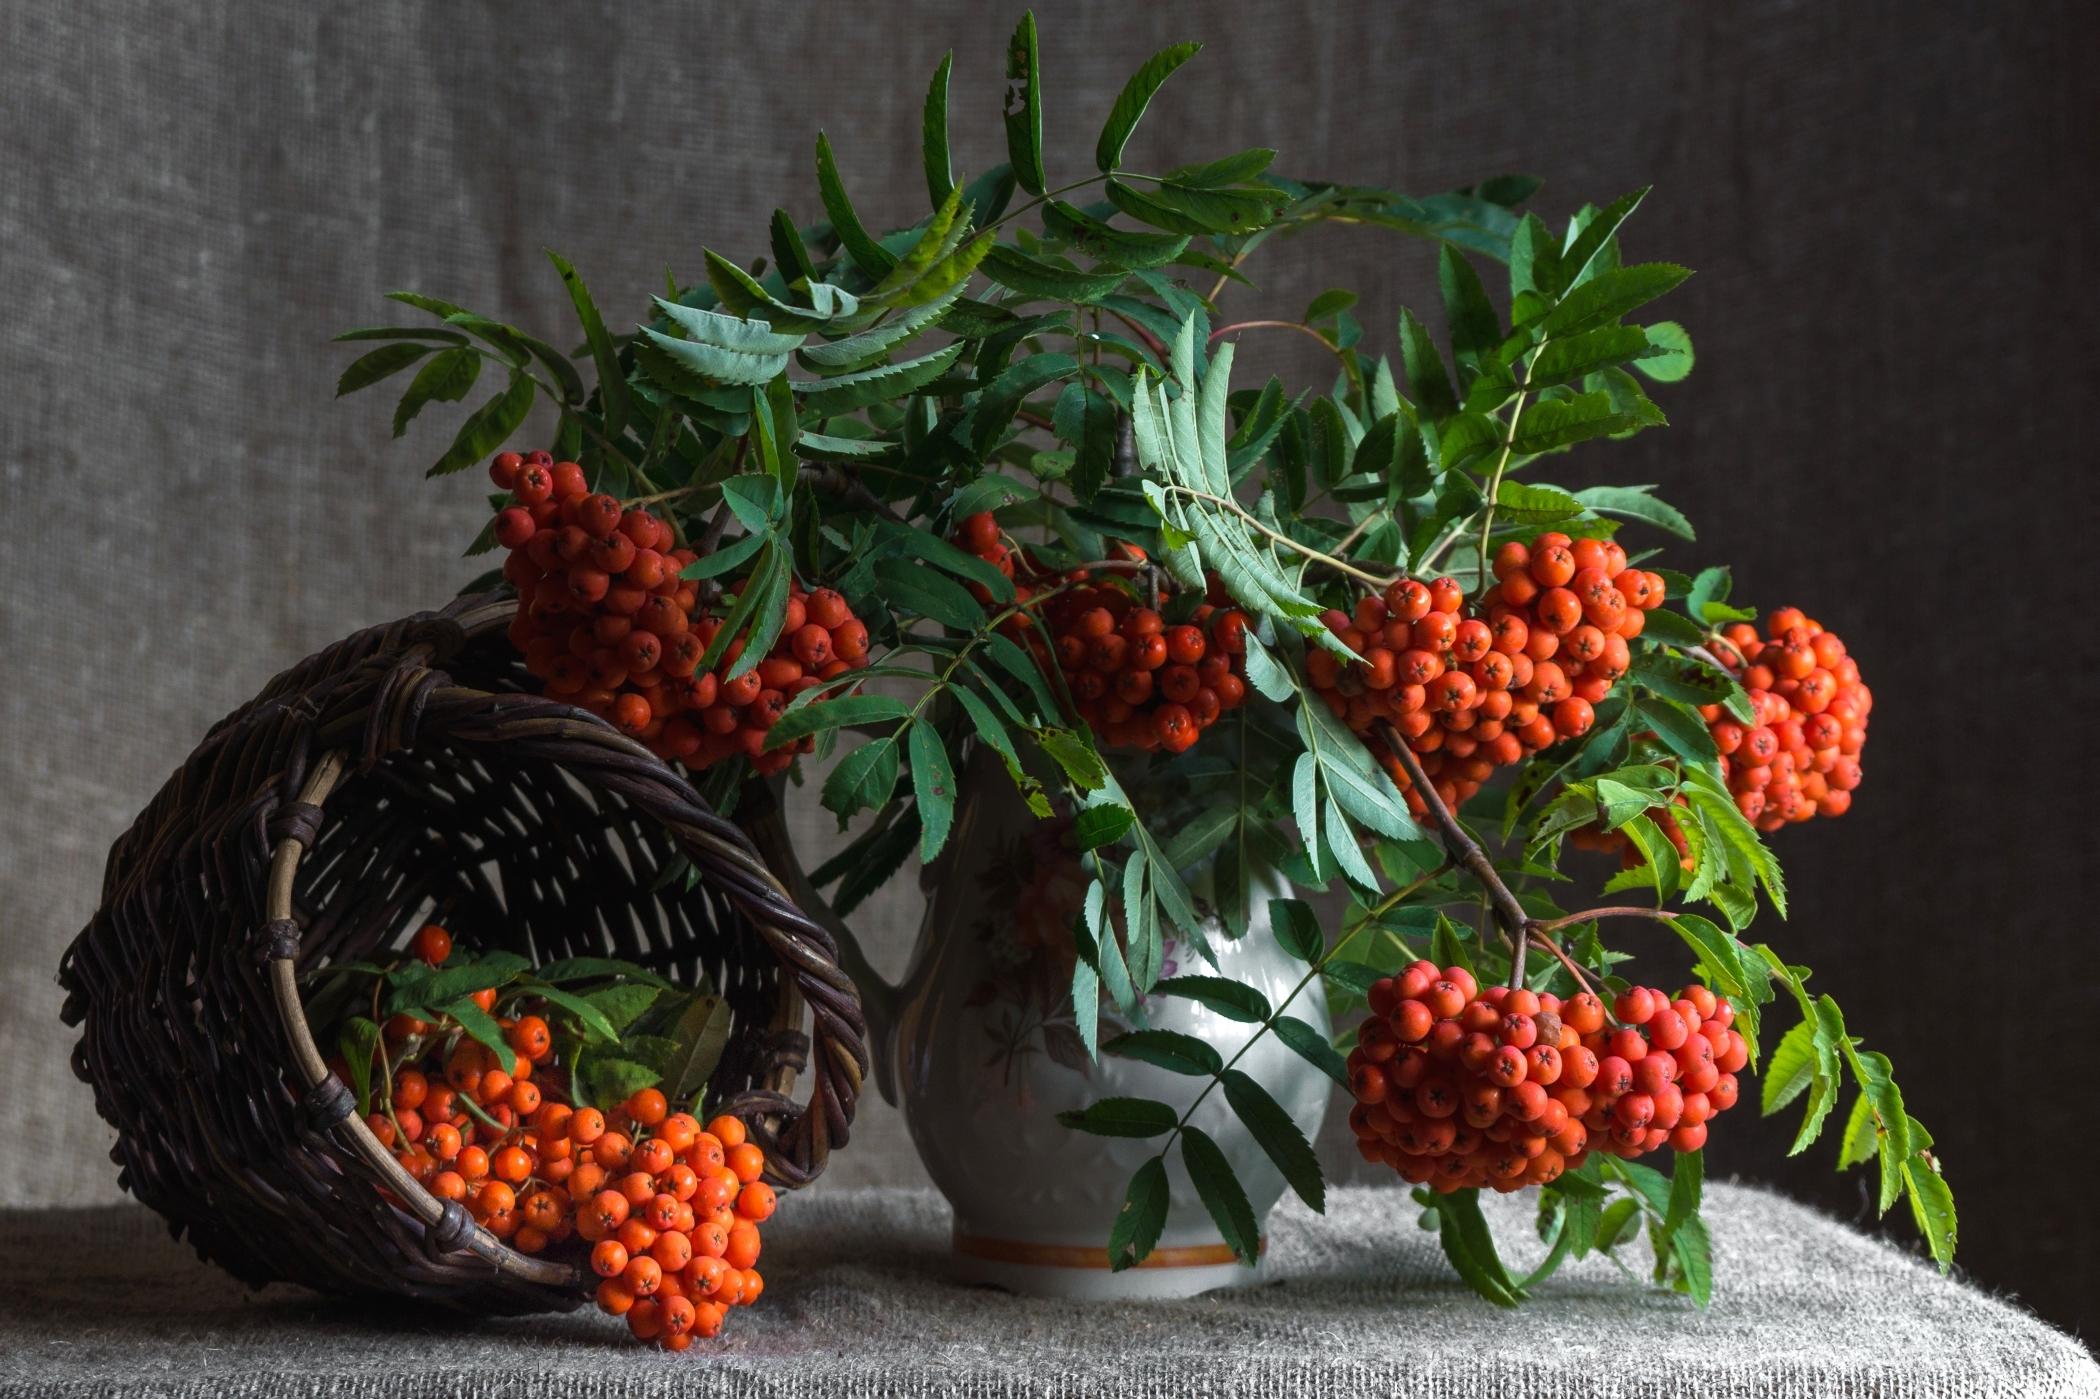 картинки из ягод осени для рабочего стола обширным